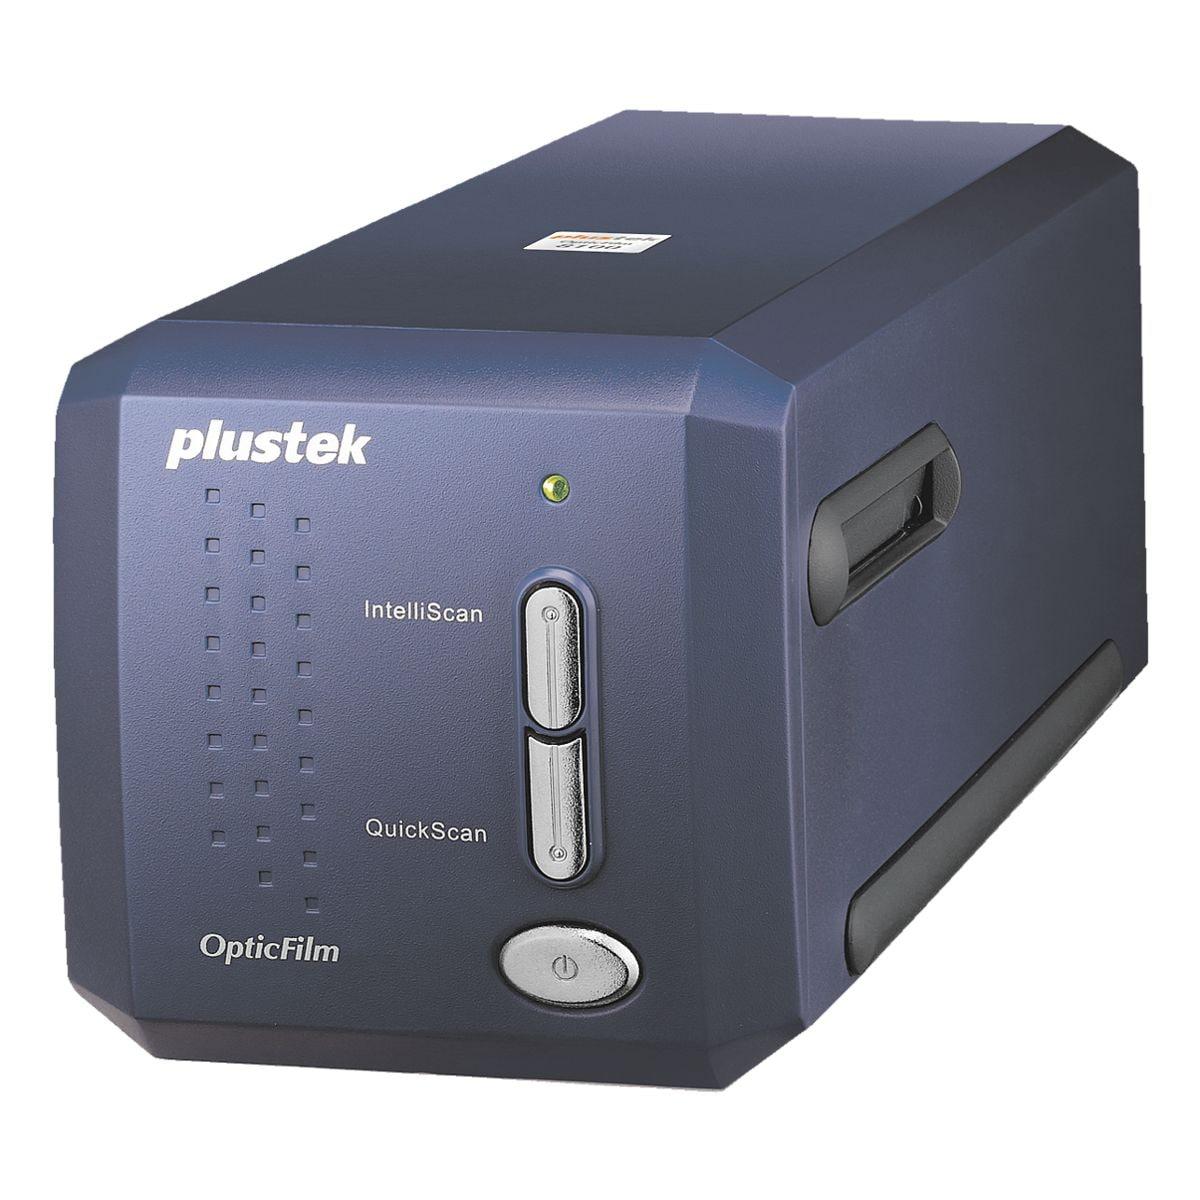 Plustek Filmscanner für Dia und Negativ »OpticFilm 8100«